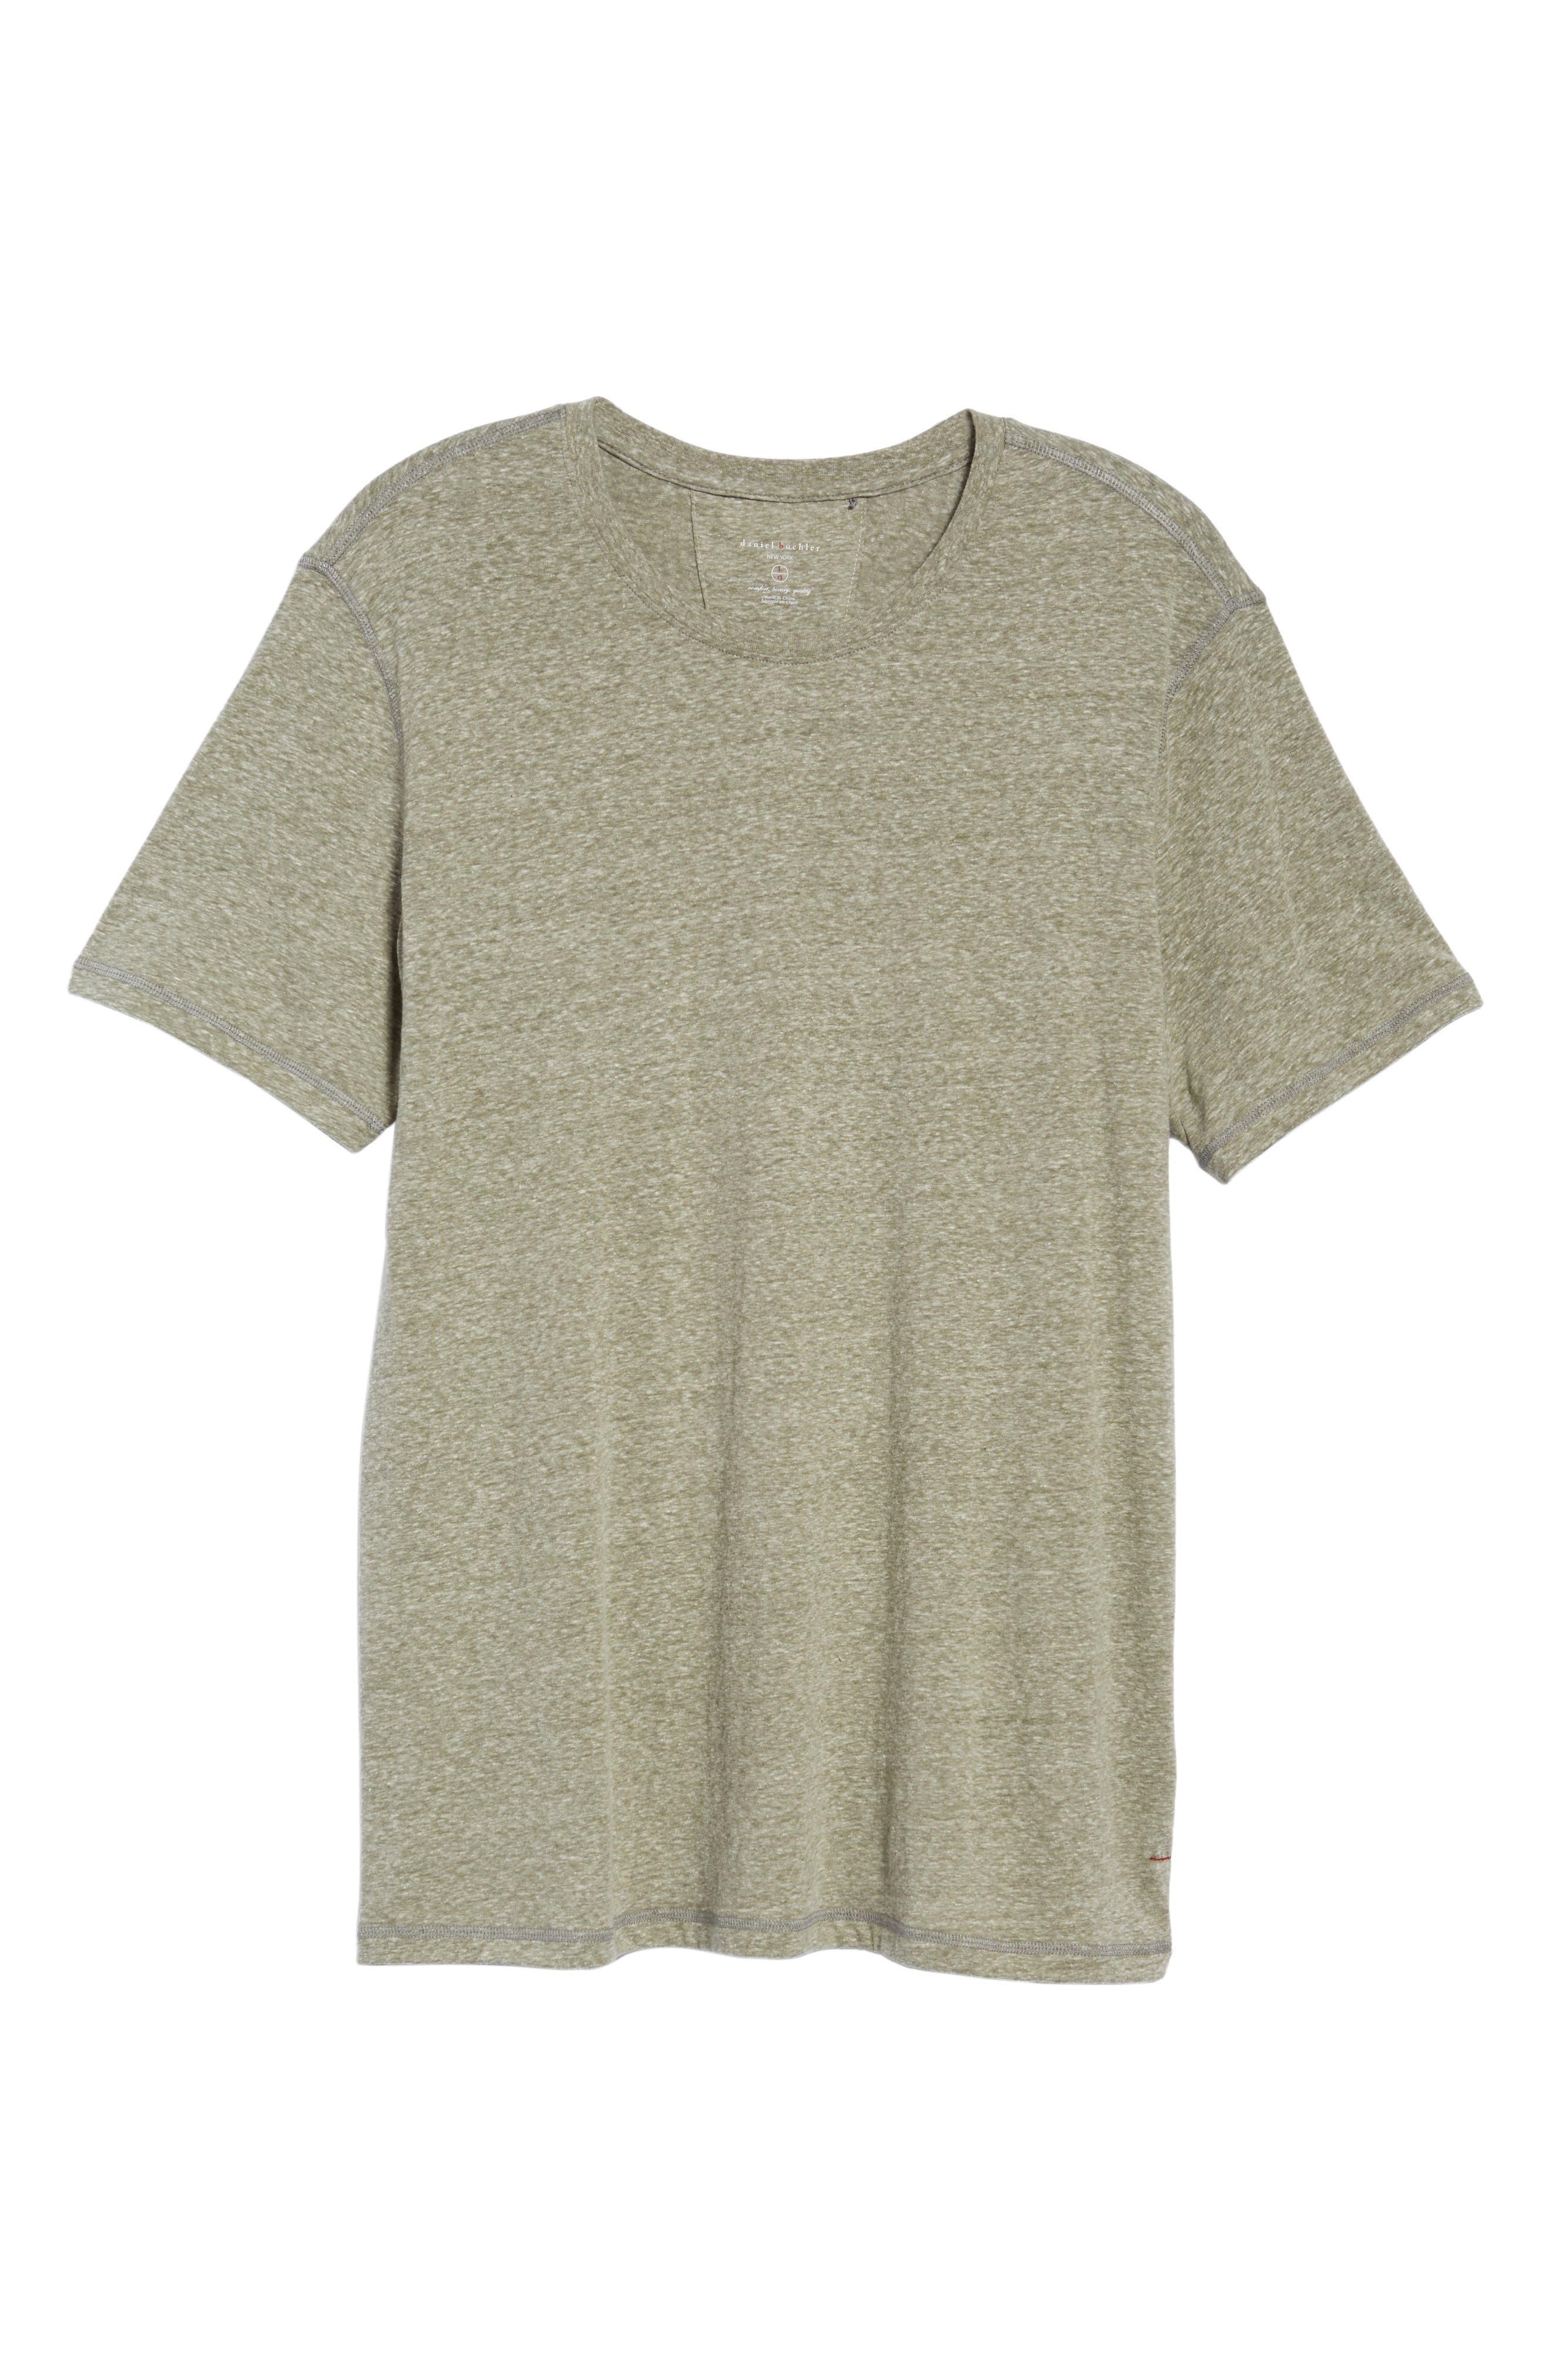 Cotton Blend T-Shirt,                             Alternate thumbnail 6, color,                             301